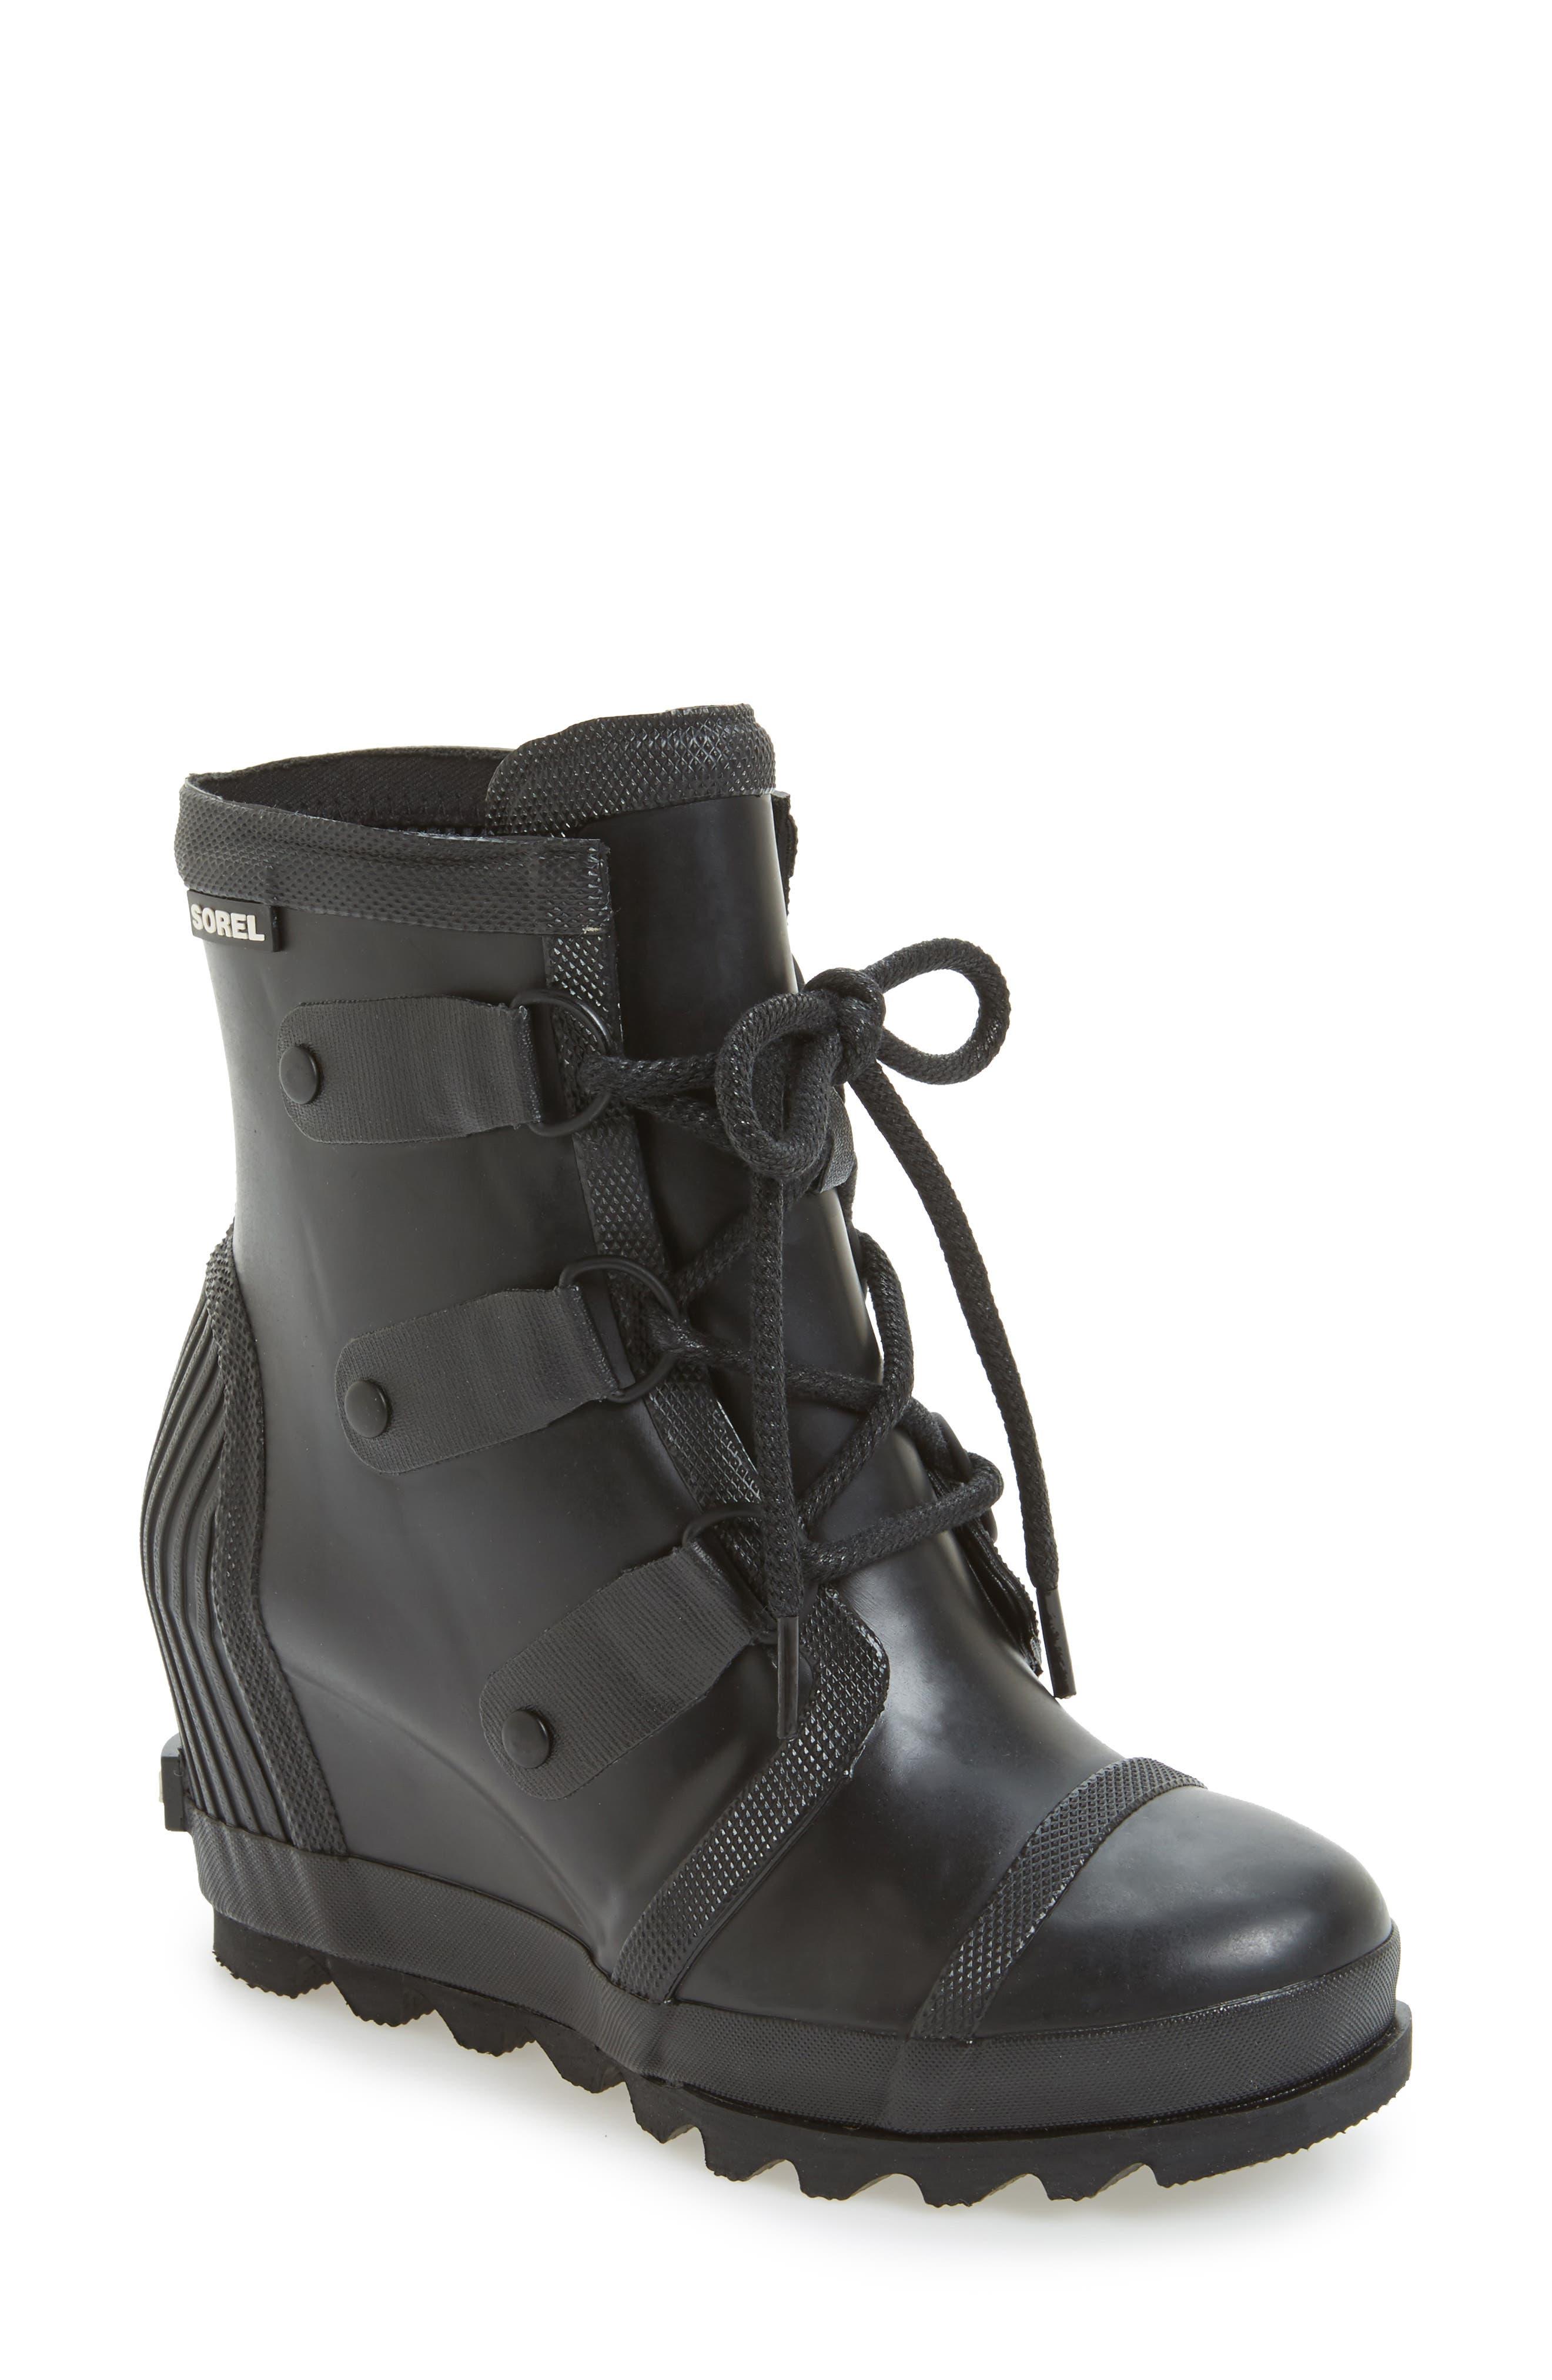 a242e7e6e1e Women s SOREL Boots